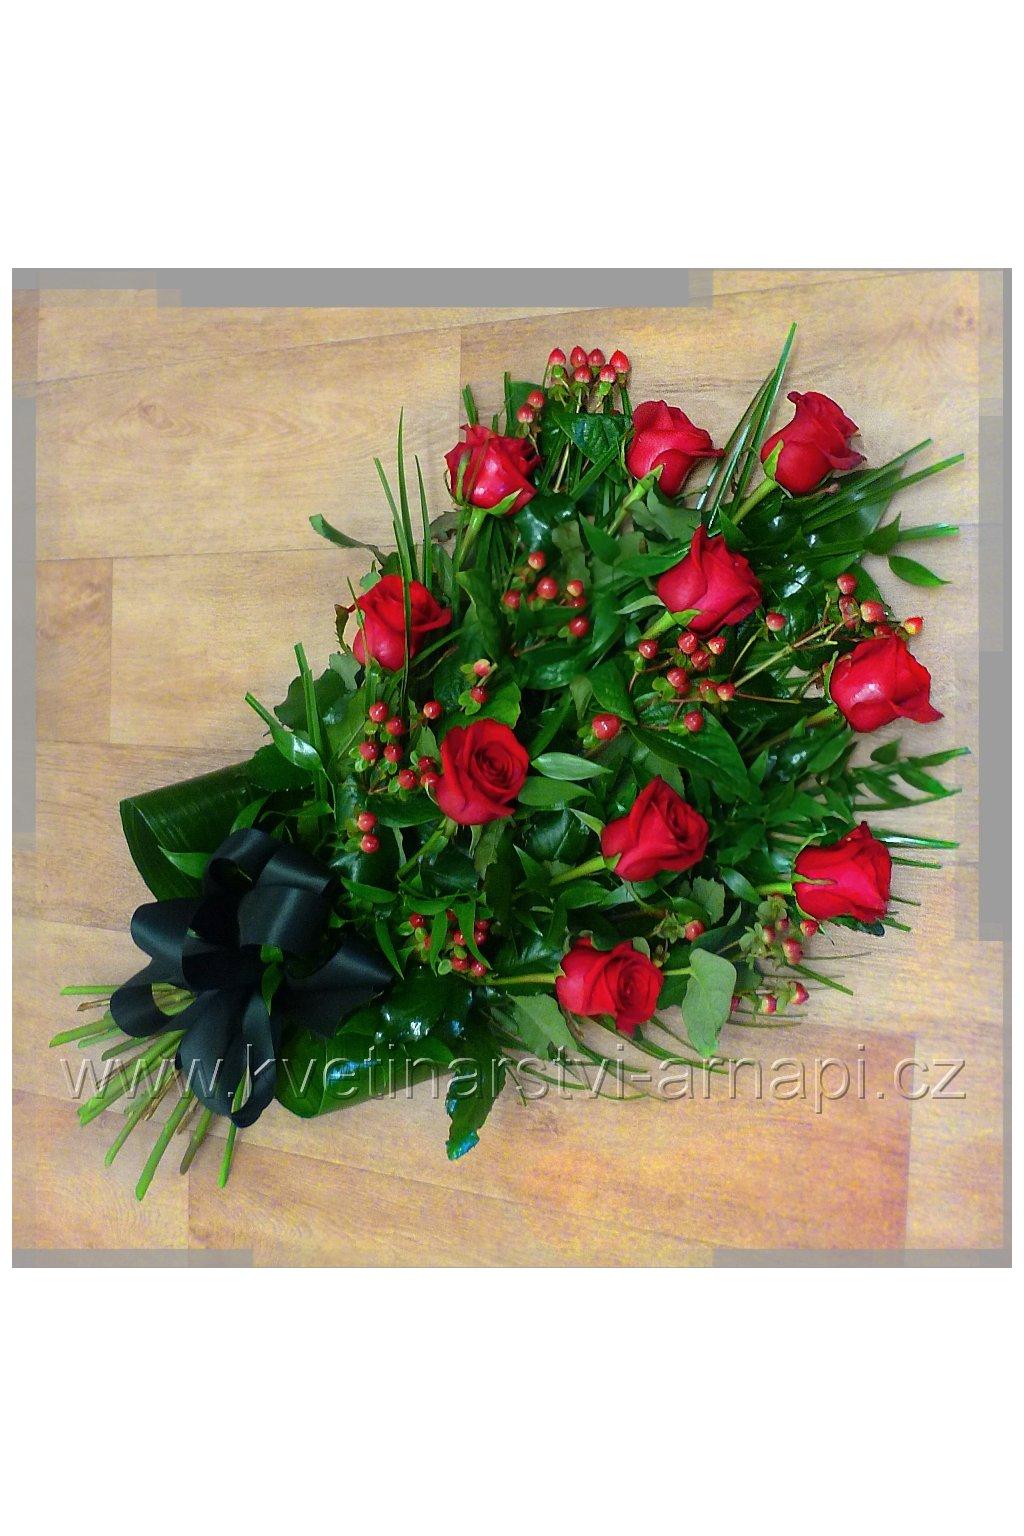 smutecni kvetiny rozvoz kvetinarstvi arnapi